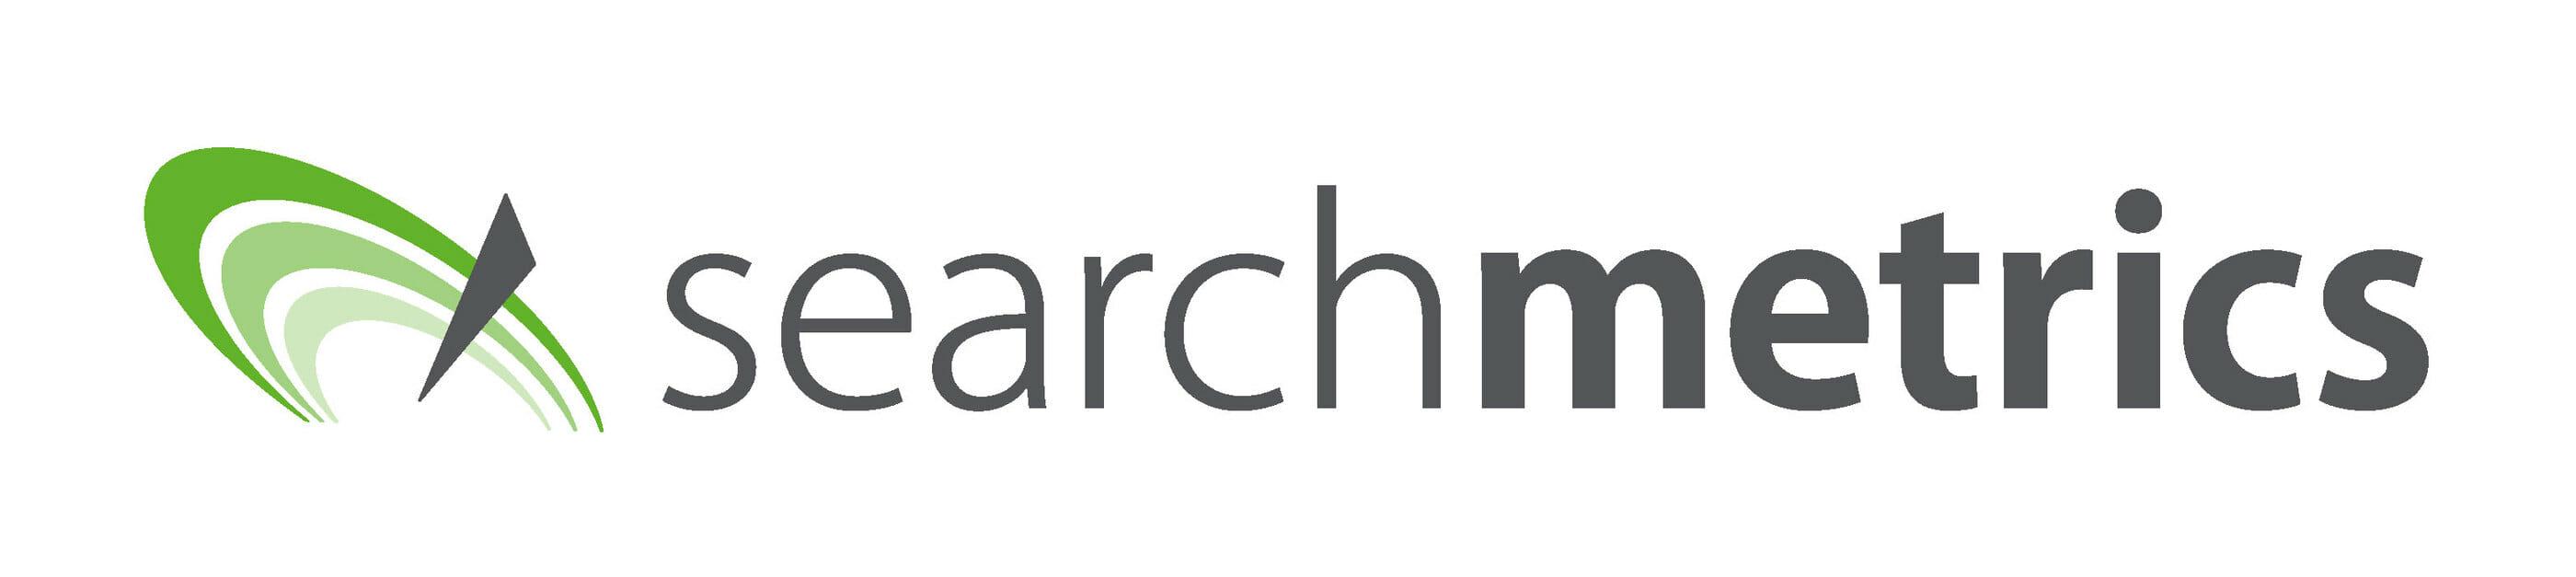 searchmetrics_logo_rgb